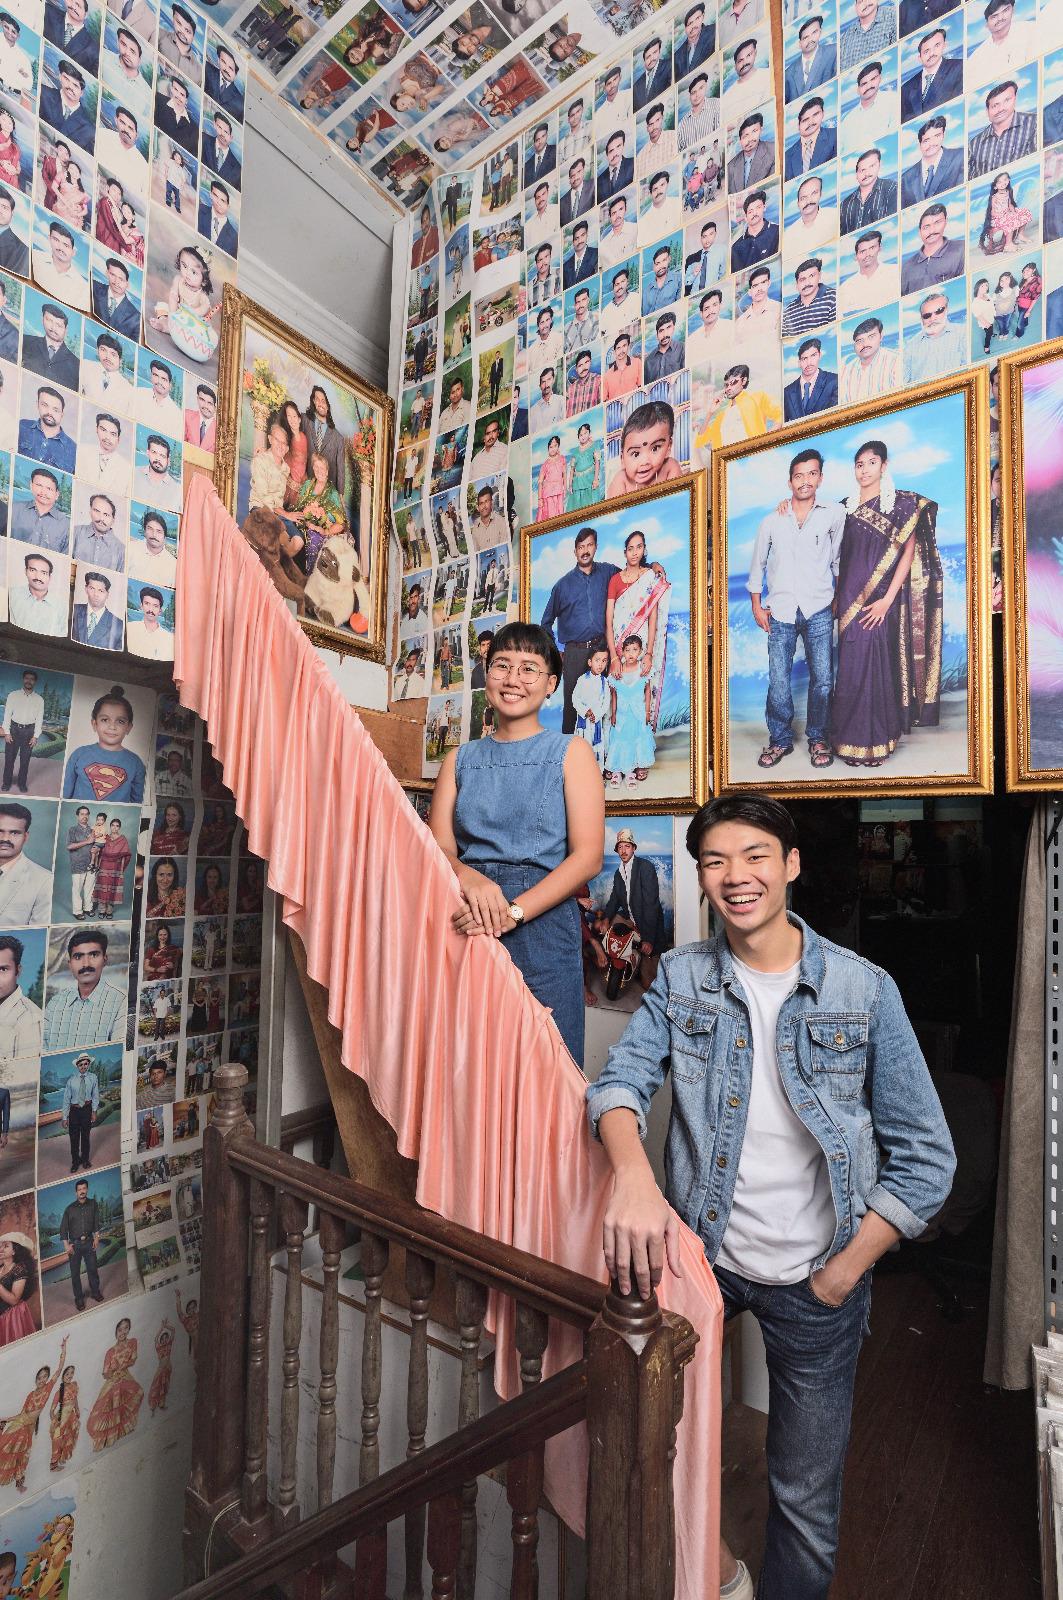 Produced by: Chong Kai Yan (left) and Pang Xue Qiang (right)